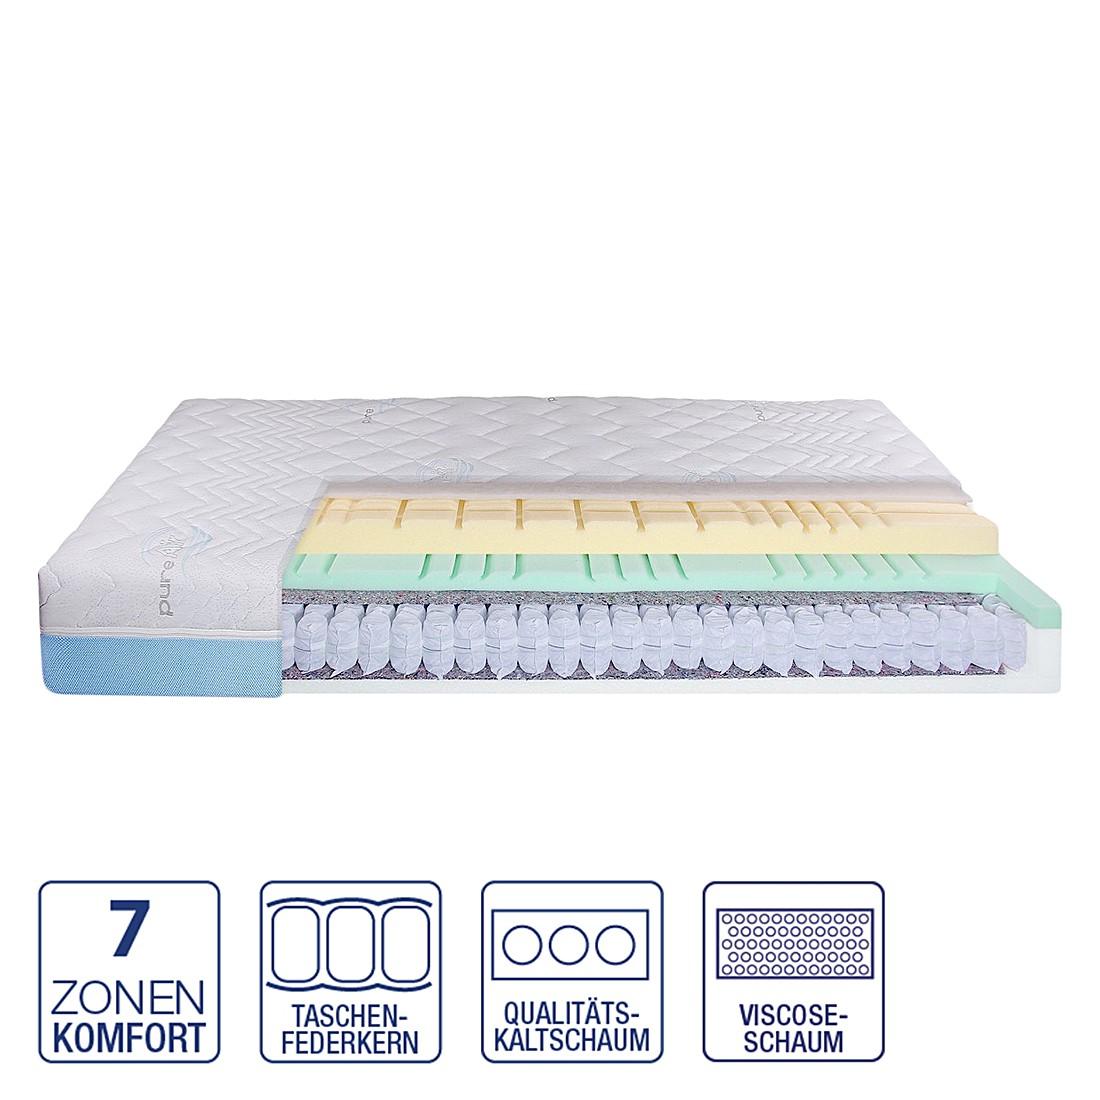 7-Zonen Taschenfederkern-Kaltschaum Viscomatratze Relax – 80 x 200cm – H2 bis 80 kg, Nova Dream Sleepline bestellen